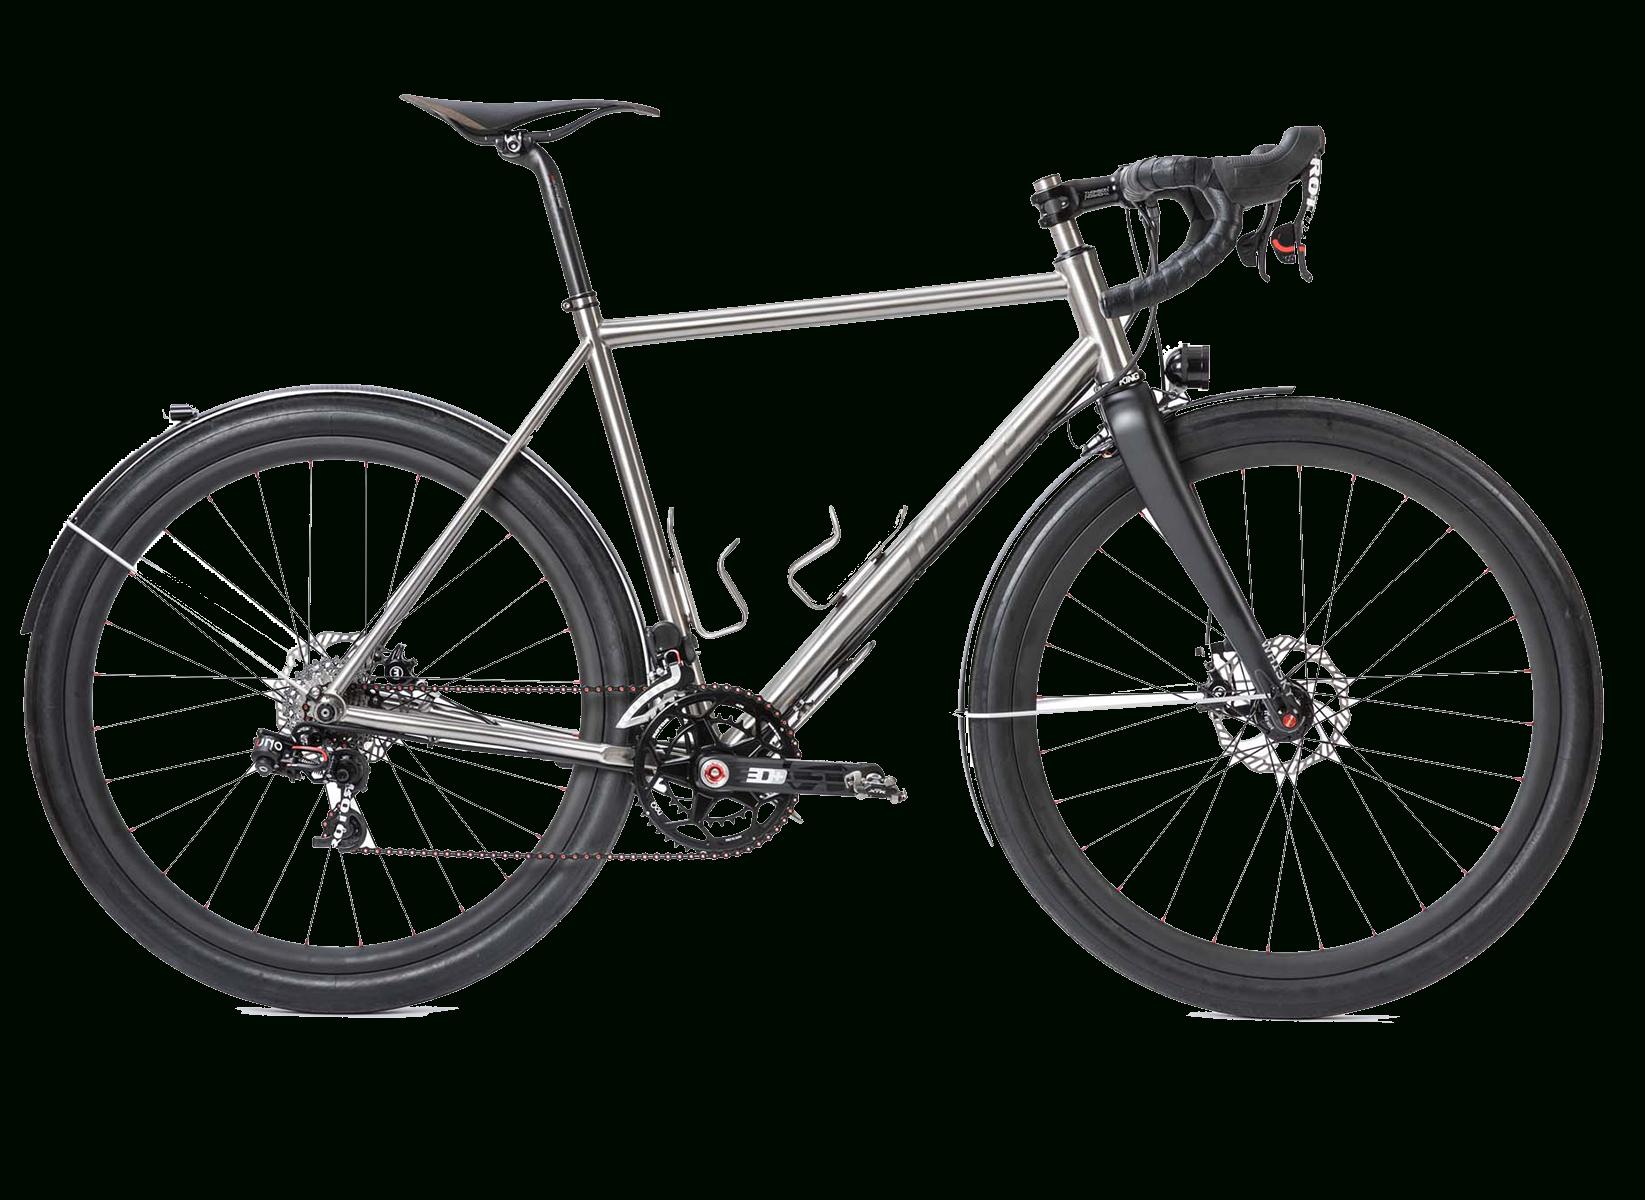 titan bikes und fahrräder - hilite bikes